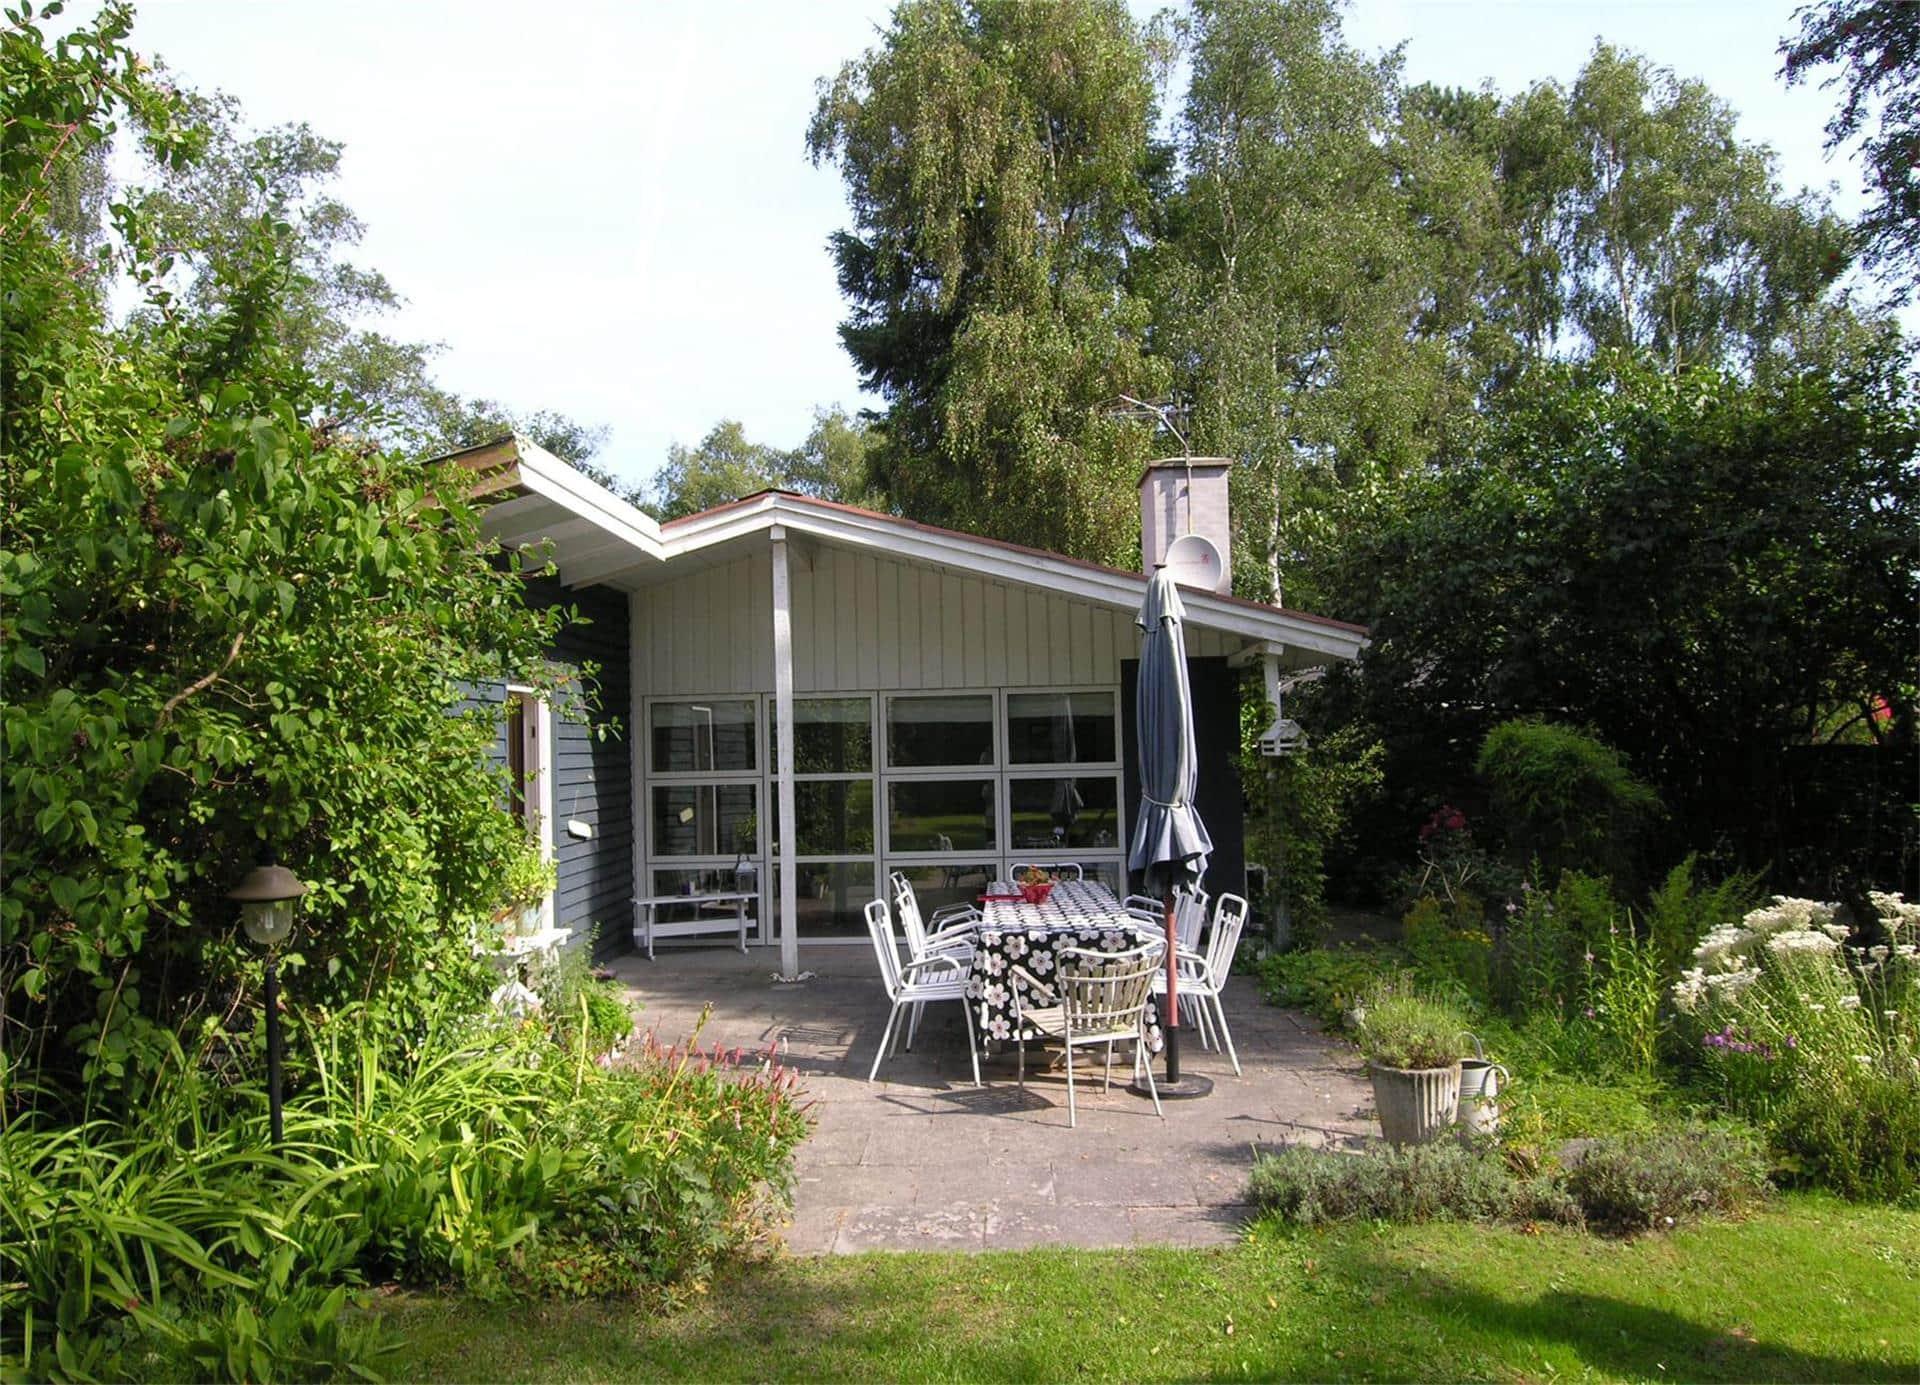 Bilde 1-19 Feirehus 30507, Jensens Plads 1, DK - 8300 Odder